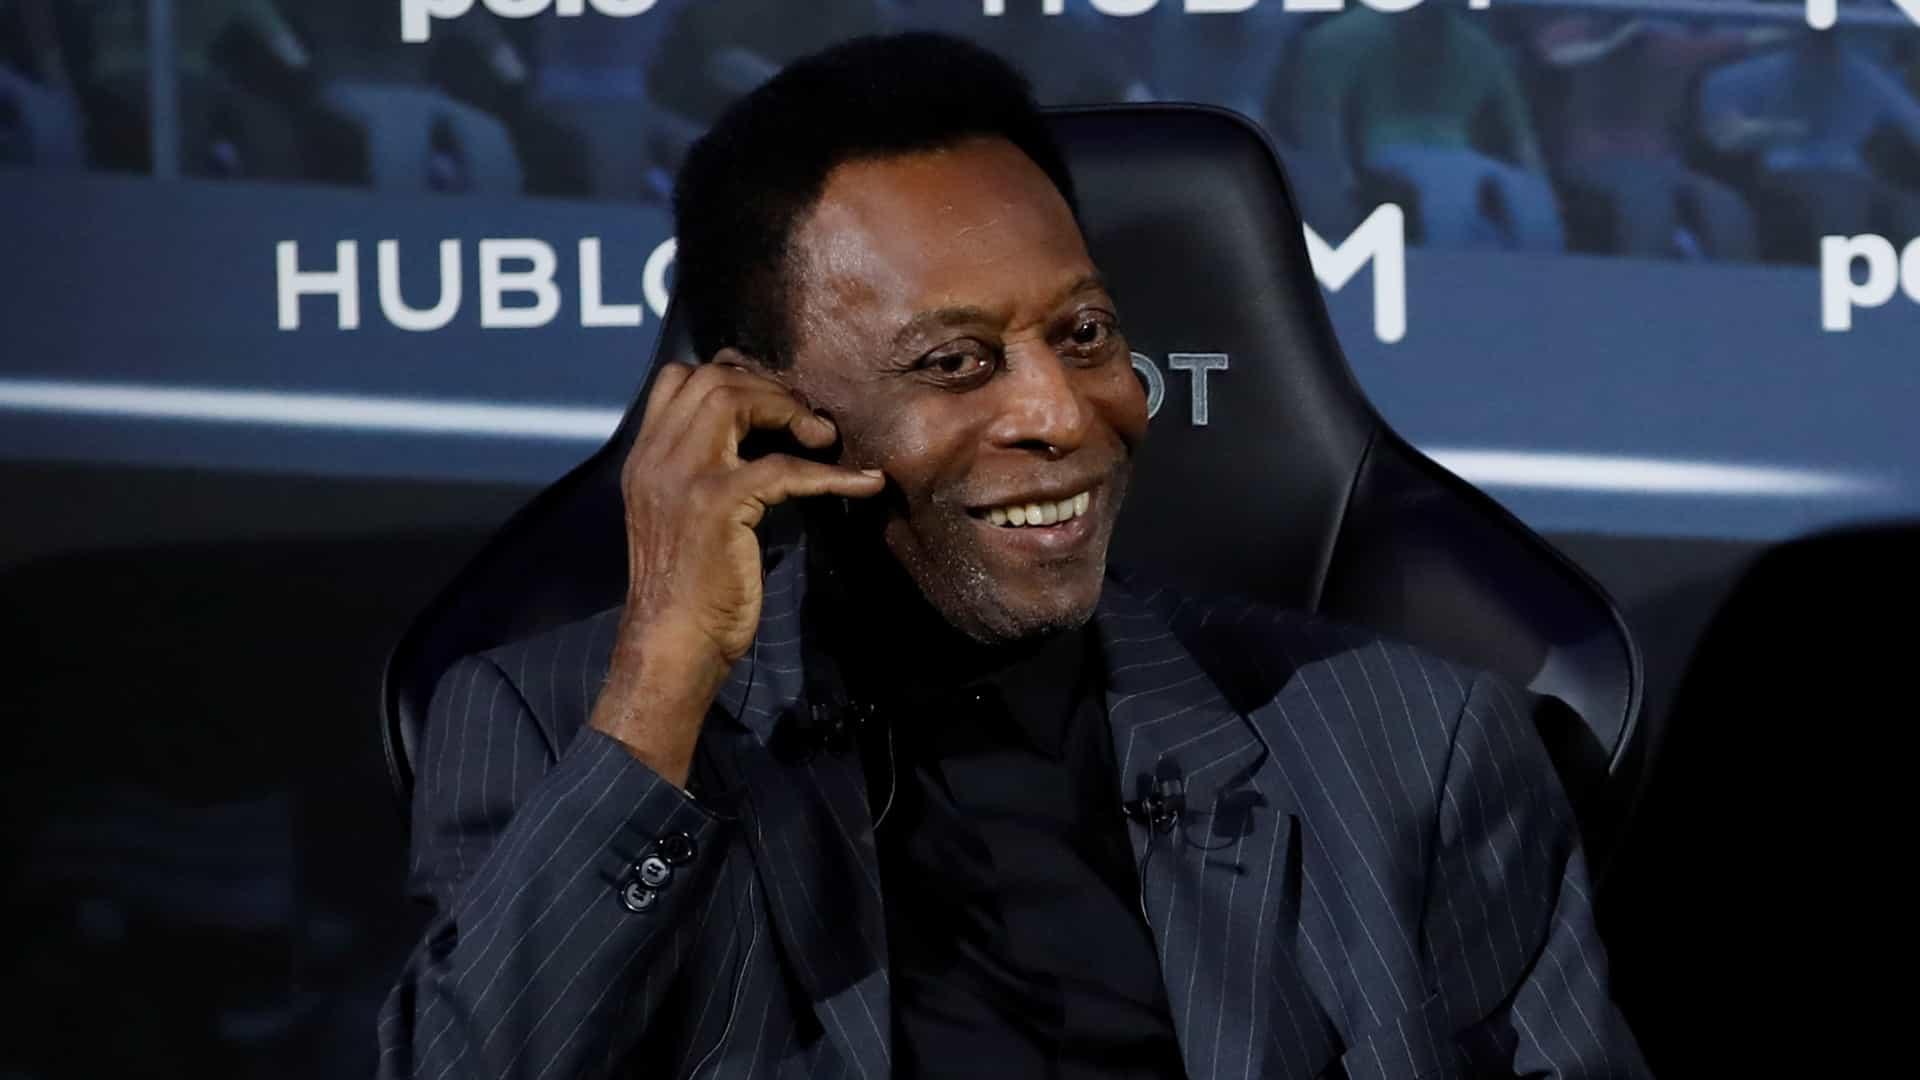 O ex-jogador Pelé passou por procedimento de retirada de cálculo renal no Hospital Albert Einstein - Christian Hartmann/Reuters/Direitos reservados